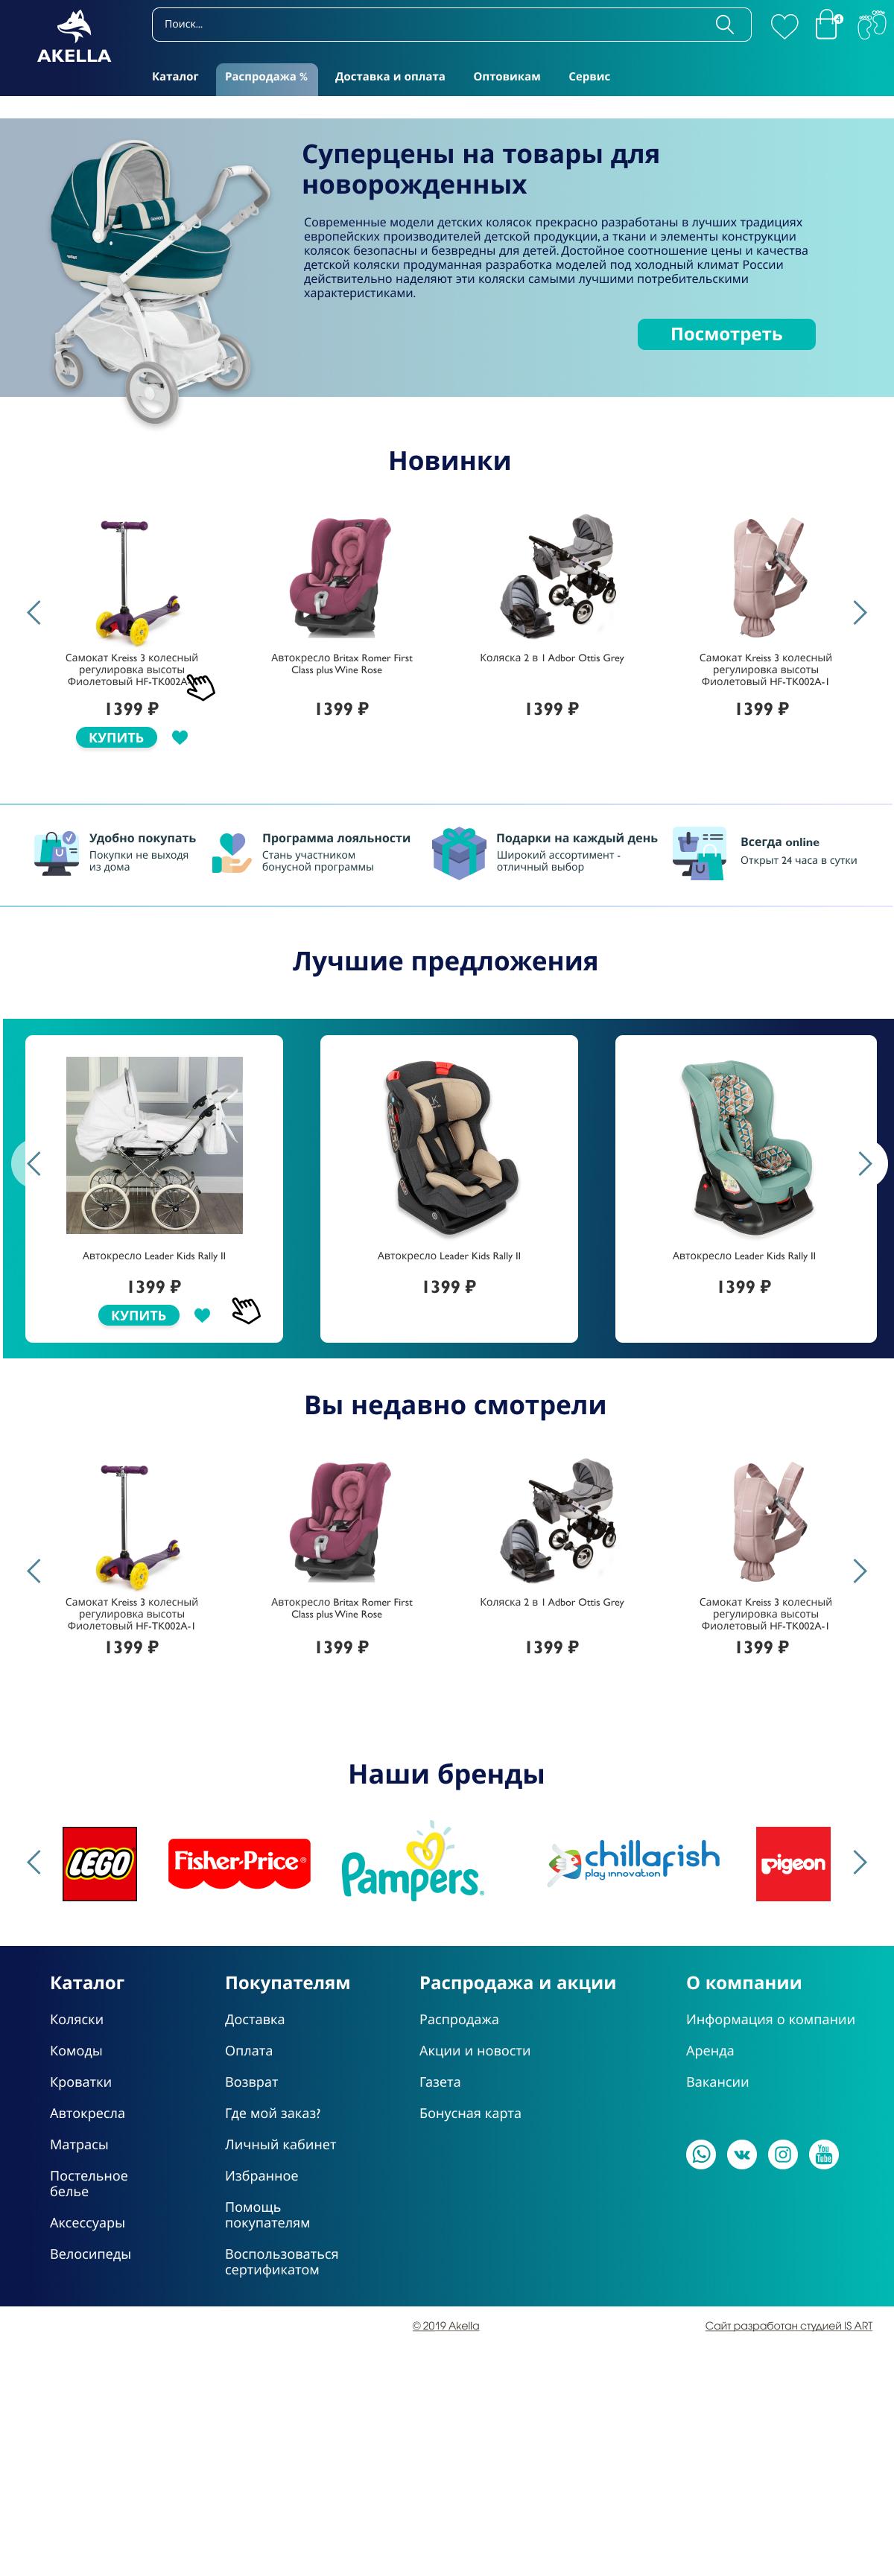 Макет сайта Детские товары Акелла 1